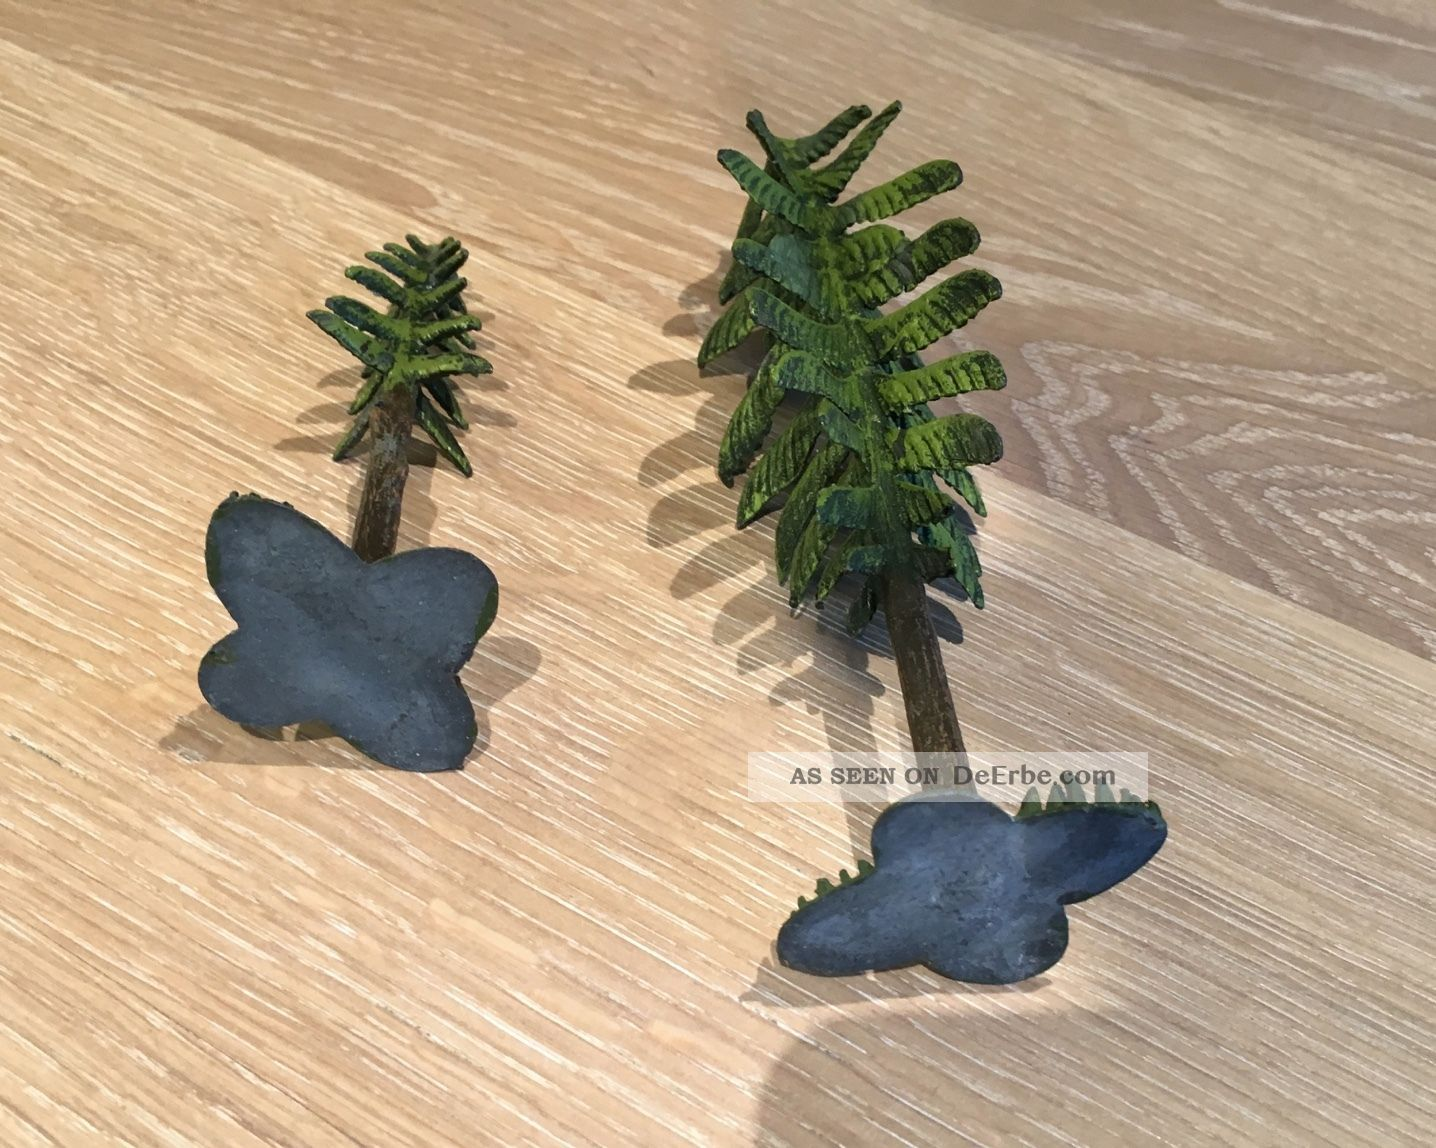 Heyde Dresden 2 Bäume Tannen Selten Blechspielzeug Original, gefertigt vor 1945 Bild